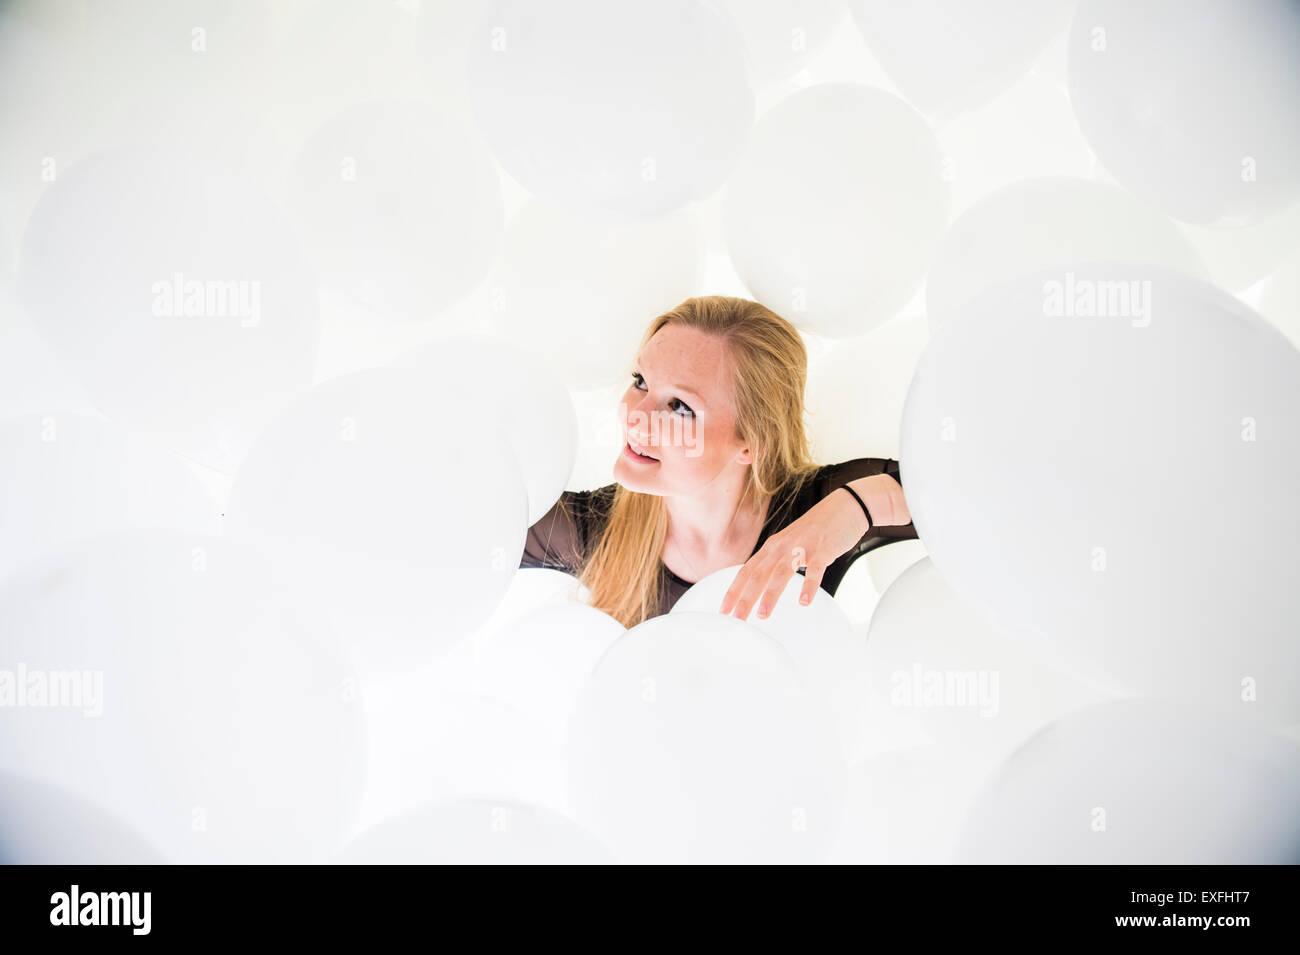 Globophobia: una joven chica sola en una nube de cientos de globos blancos tras superar sus temores irracionales Imagen De Stock